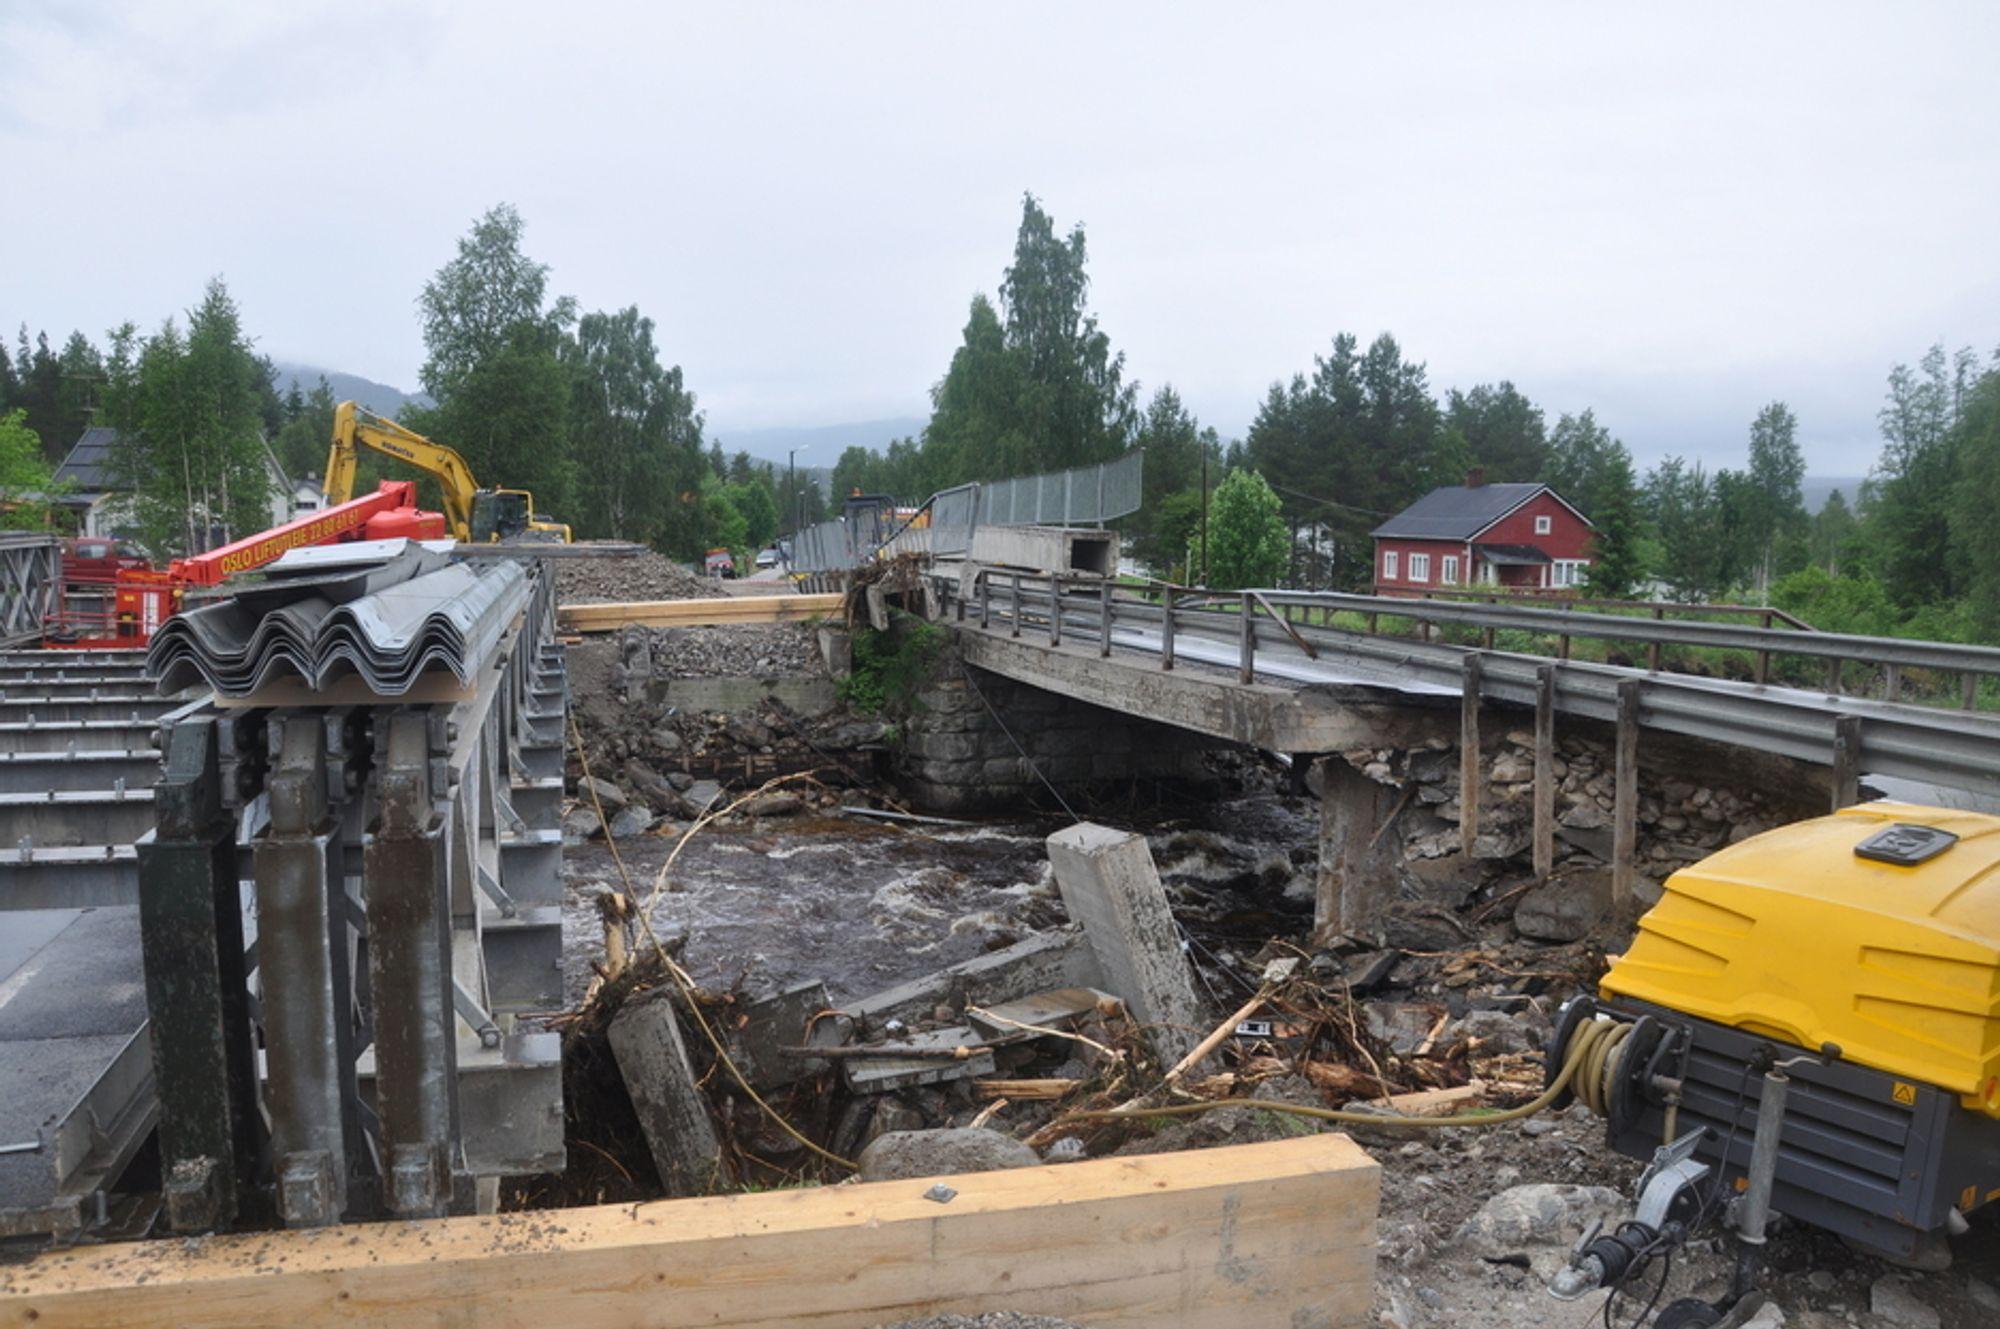 MIDLERTIDIG BRO: Tønnes bro sør for Koppang i Østerdalen er ødelagt av flom (til høyre). Men på tre døgn satte Statens vegvesen opp en midlertidig bro som er satt sammen av moduler.